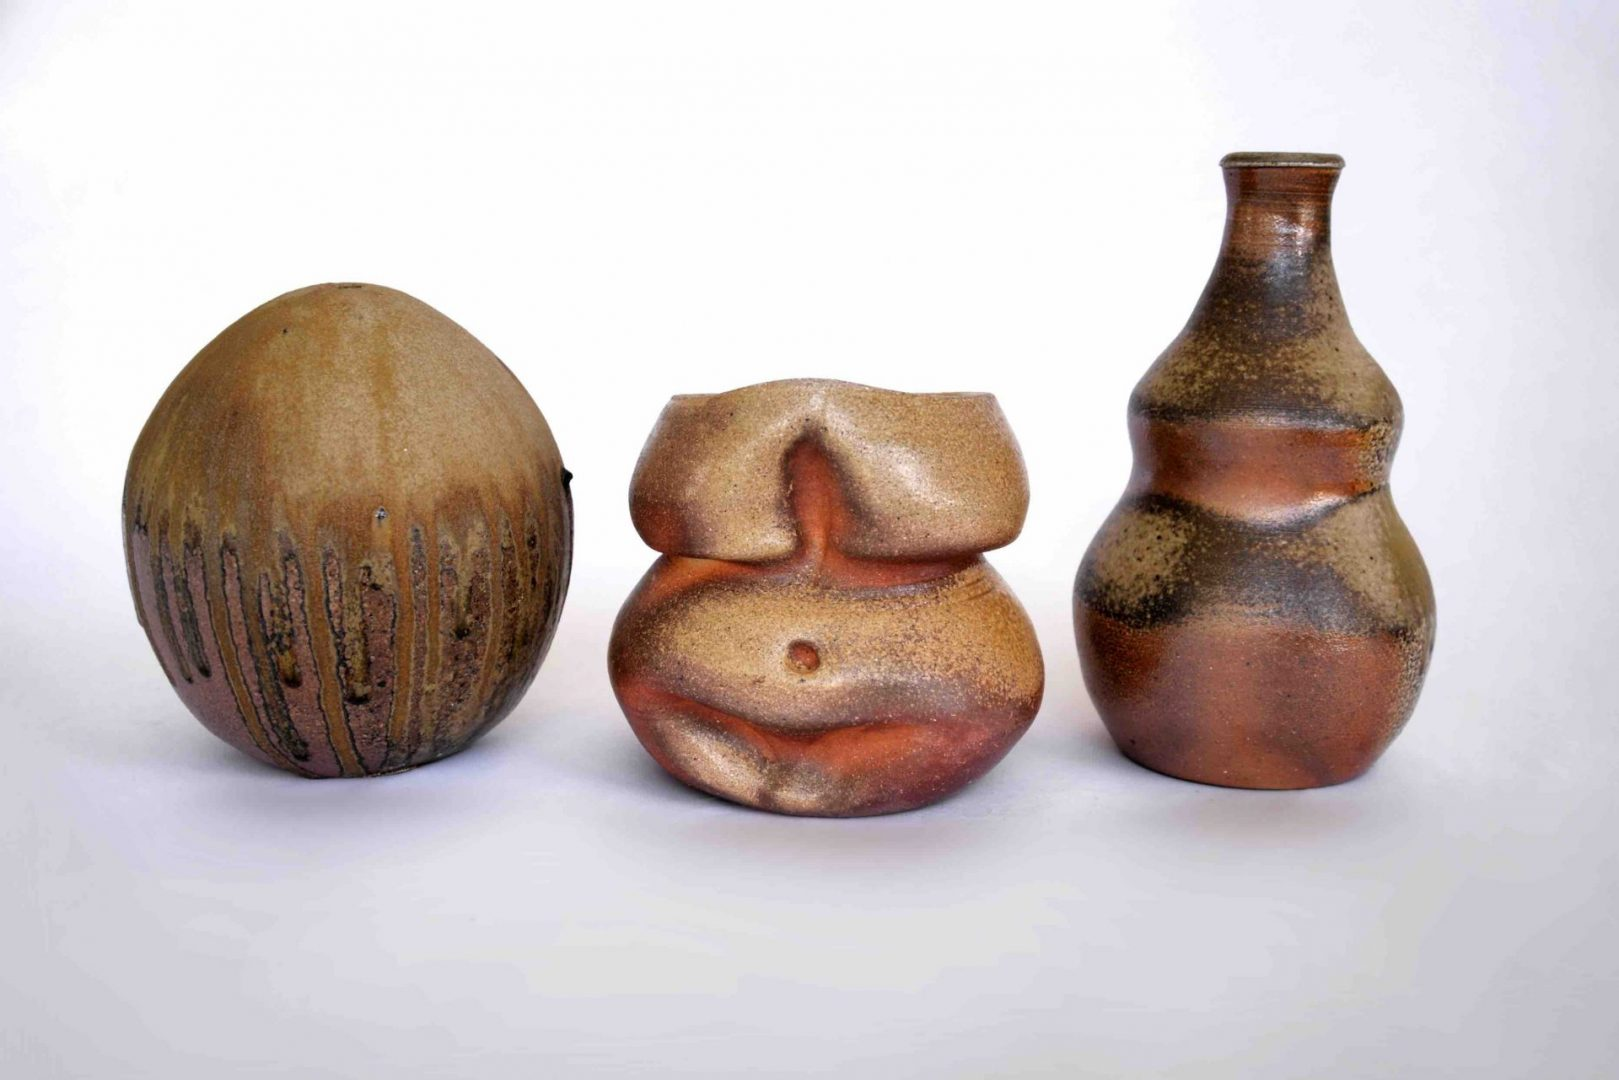 Piedmont ClayWorks